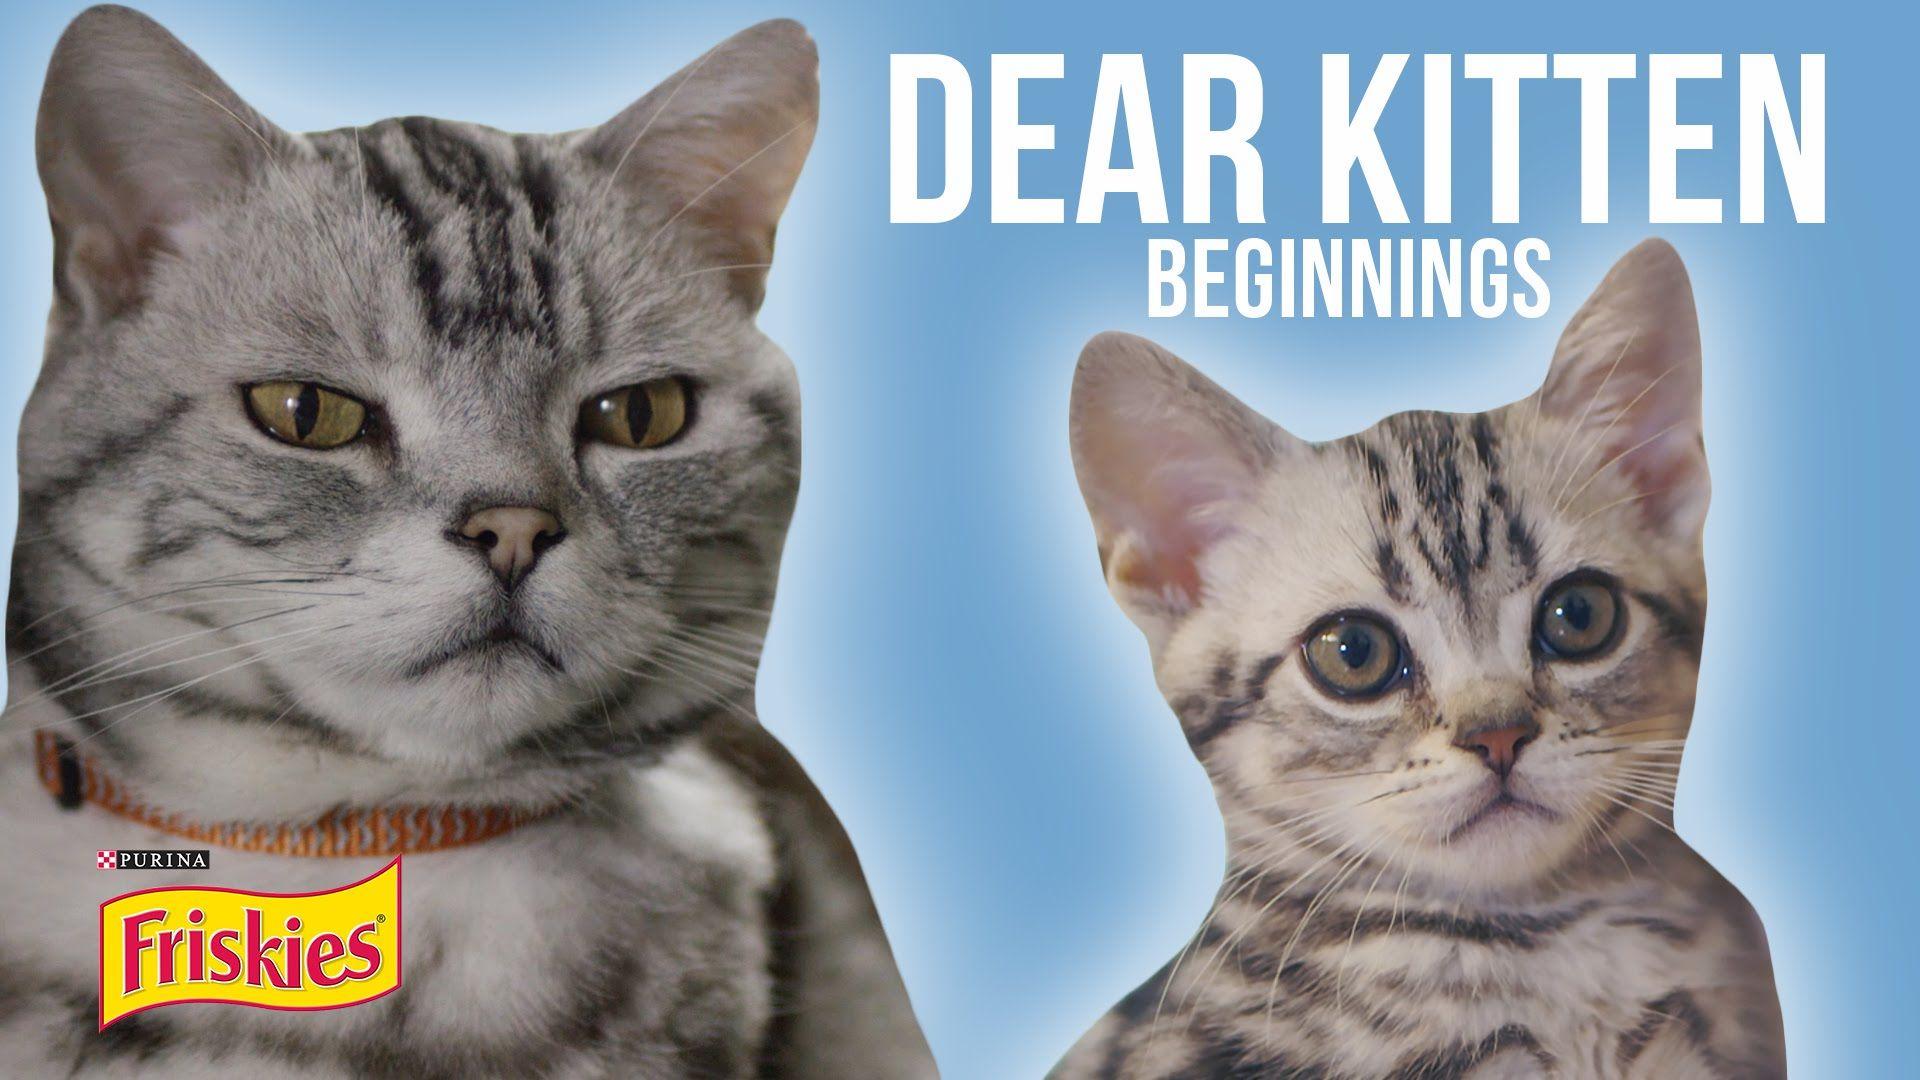 Dear Kitten Beginnings Presented By Buzzfeed Friskies Kitten Gif Kittens Friskies